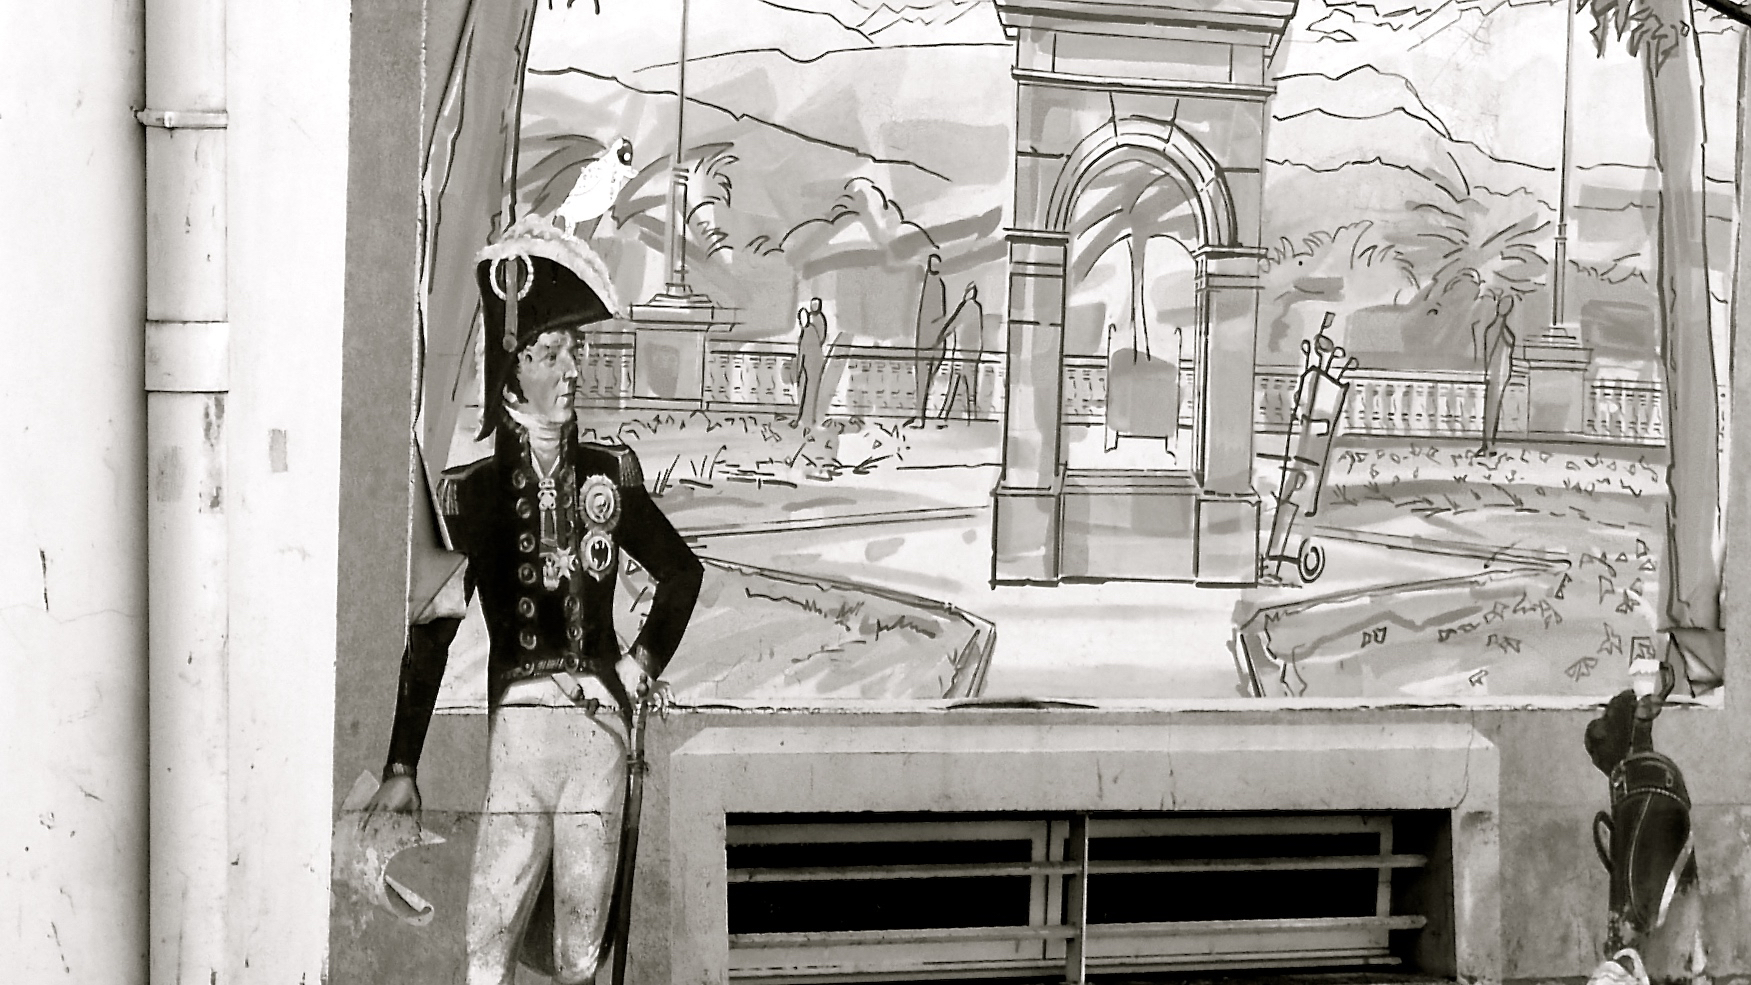 Pau. Graffiti soldado  - Versión 2